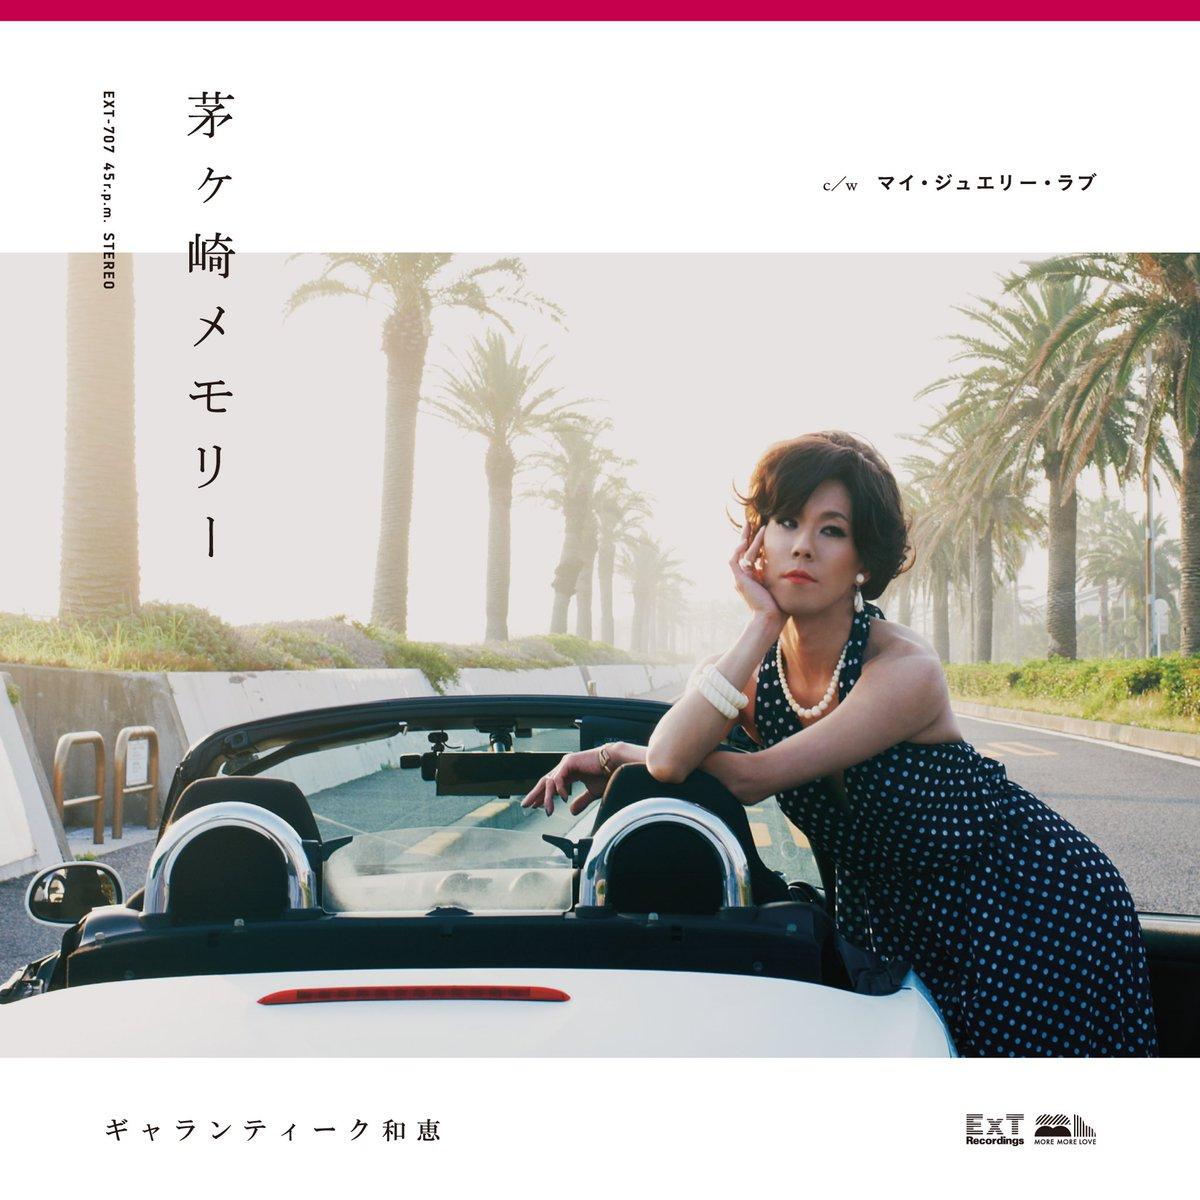 「ギャランティーク和恵 / 茅ヶ崎メモリー」の画像検索結果